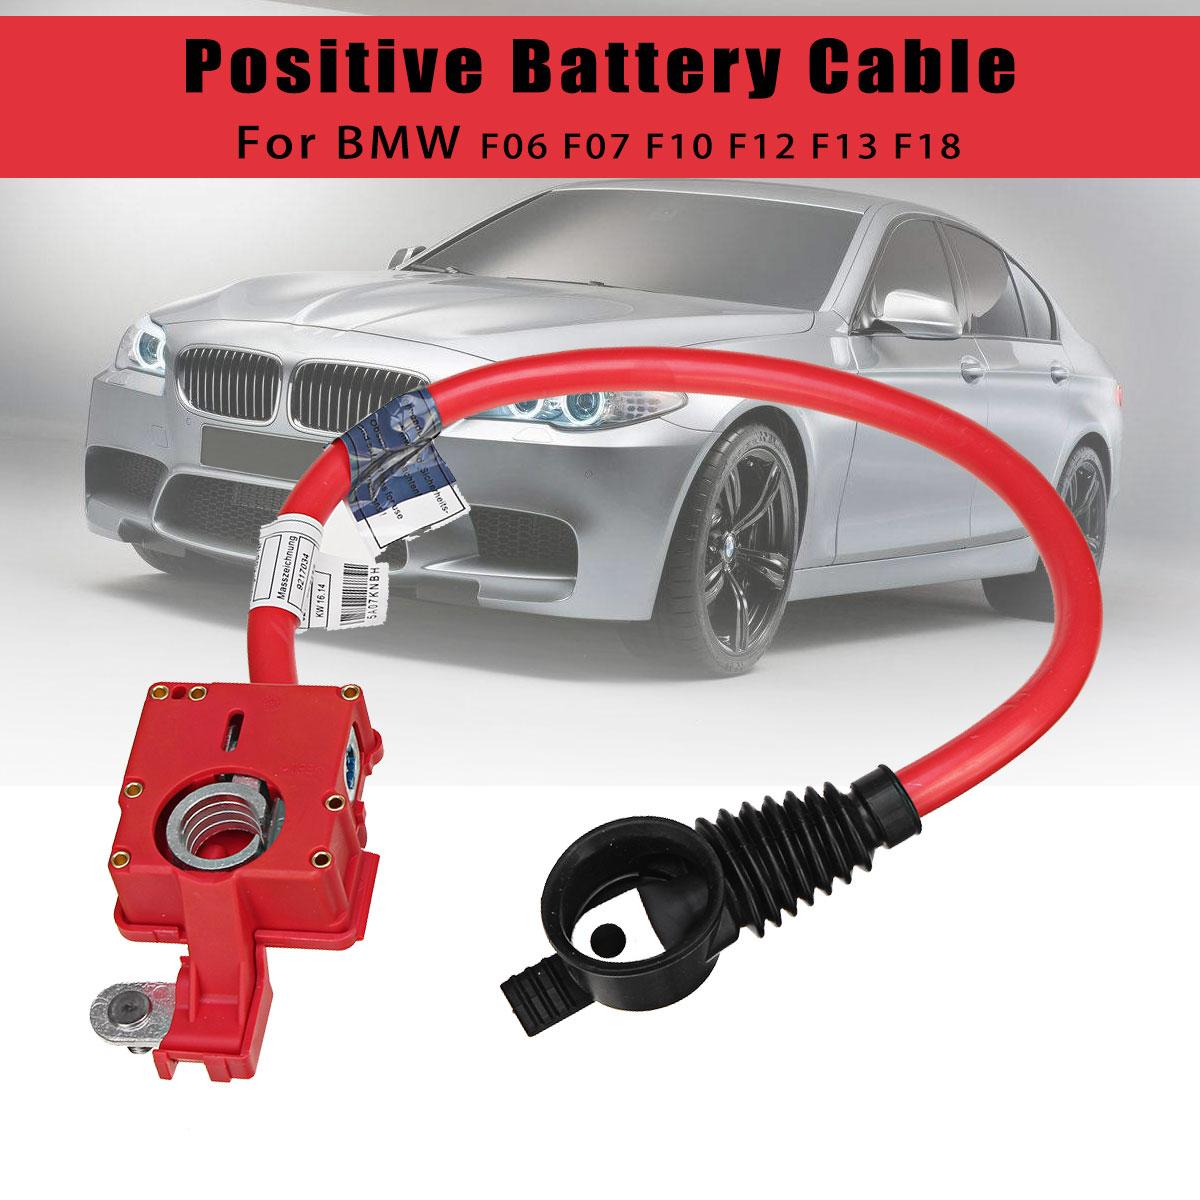 Positive Battery Cable Car Accessories 61129217036 61129253111 For BMW F20 F21 F22 F87 F23 F06 F07 F10 F12 F13 F18 3.0 4.4L